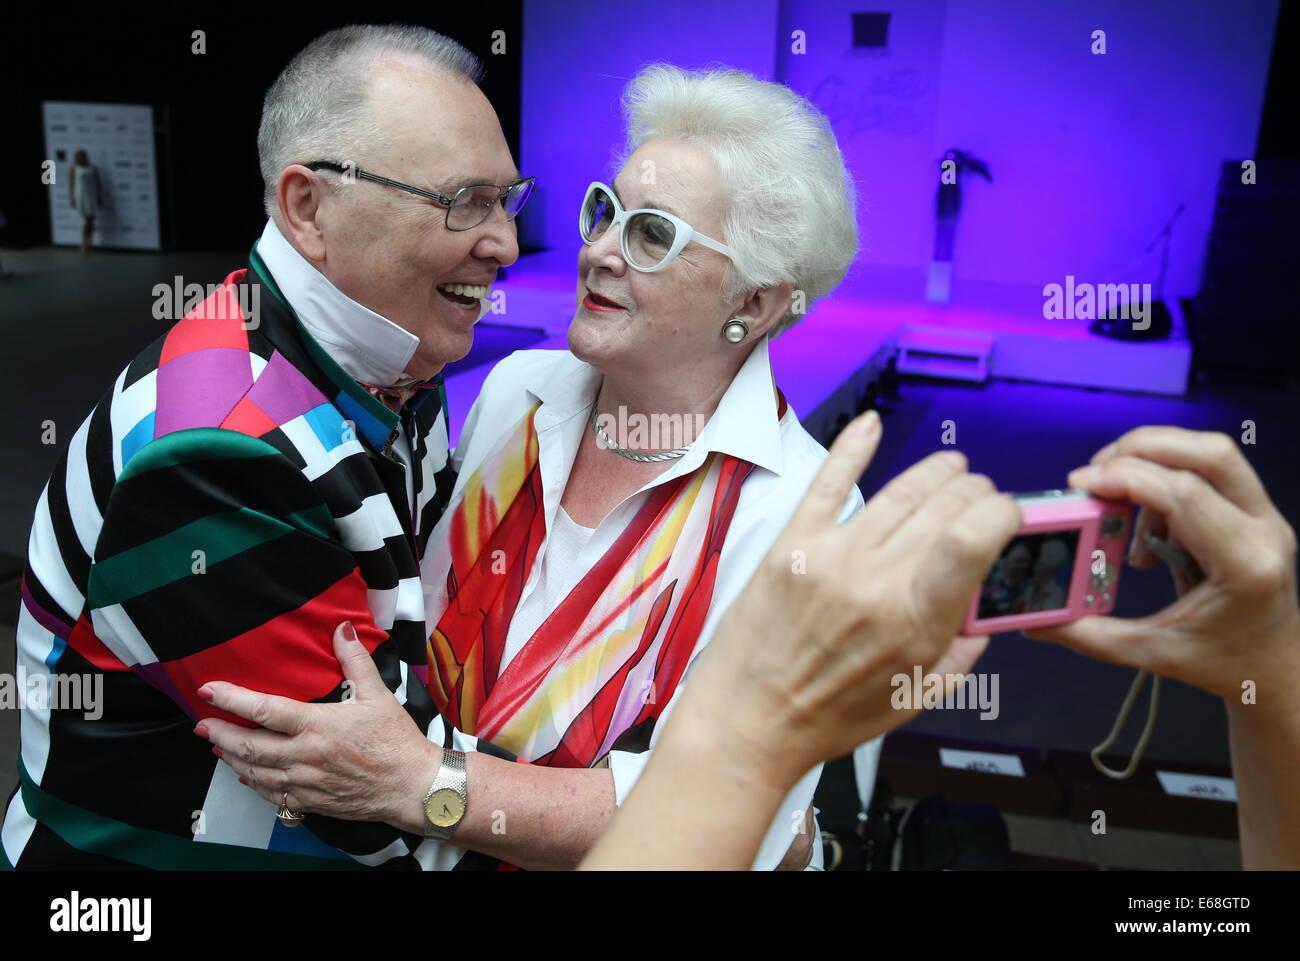 Moskau, Russland. 18. August 2014. Modedesignerin Vyacheslav Zaitsev und TV-Moderatorin Anna Shatilova an der 12. Stockfoto